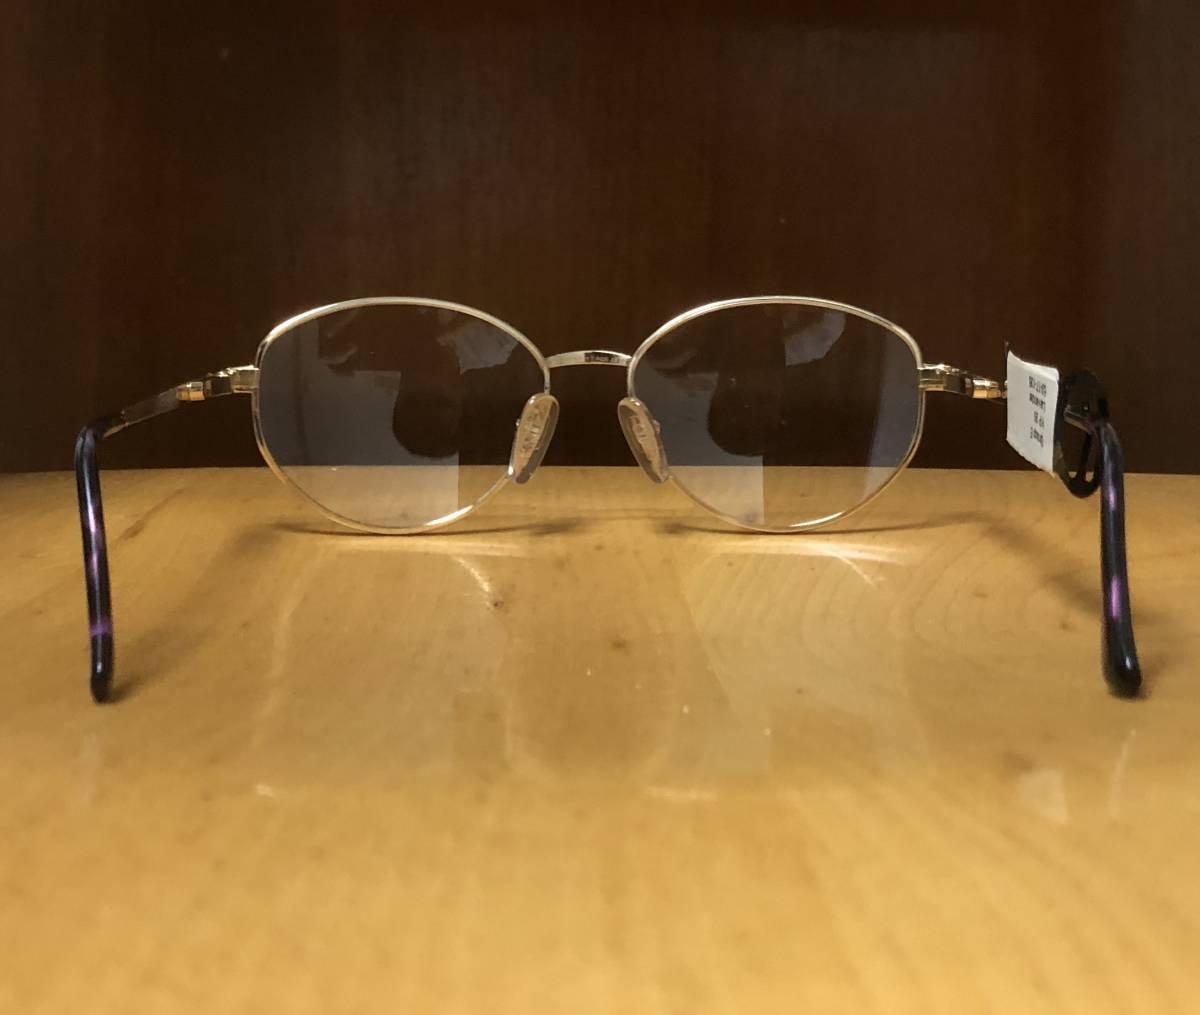 【1980年代/新品】 宝石柄 ピンク紫 アメリカンオプティカル AO American Optical メガネ 米国ブランド ビンテージ / ヴィンテージ_画像8